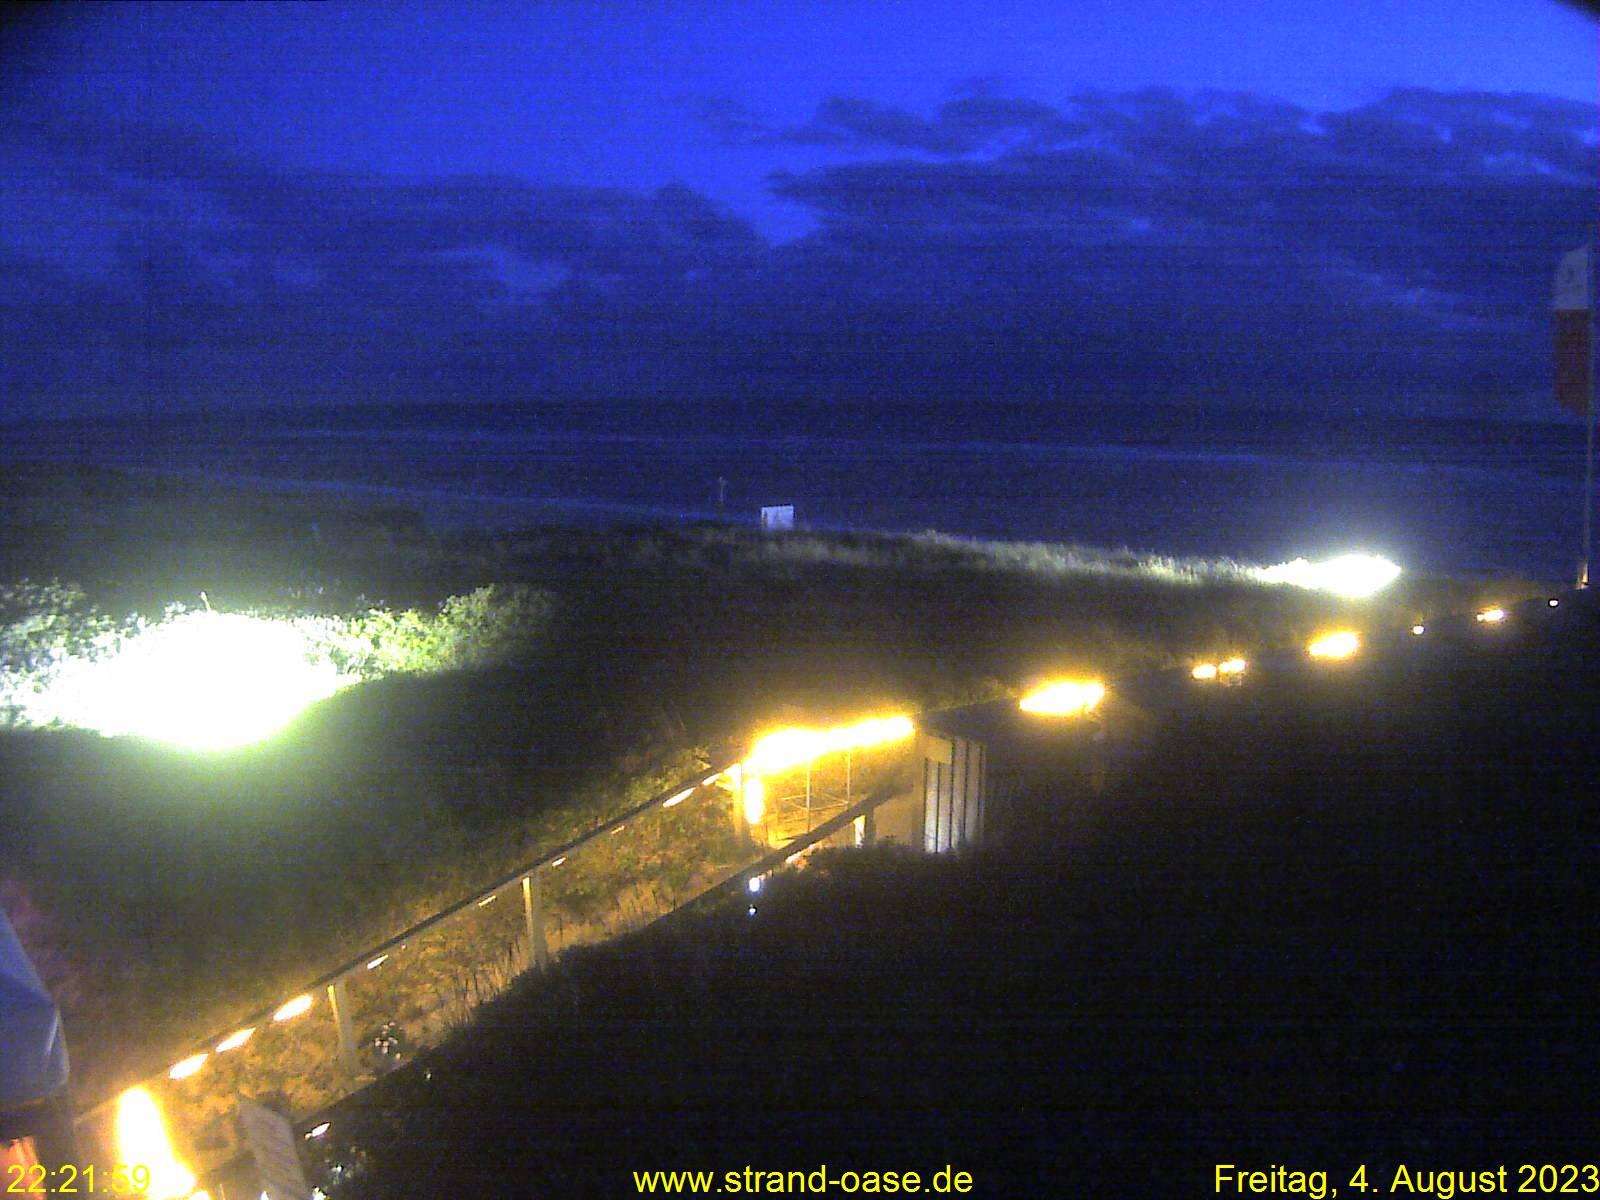 Westerland (Sylt) Sa. 22:22